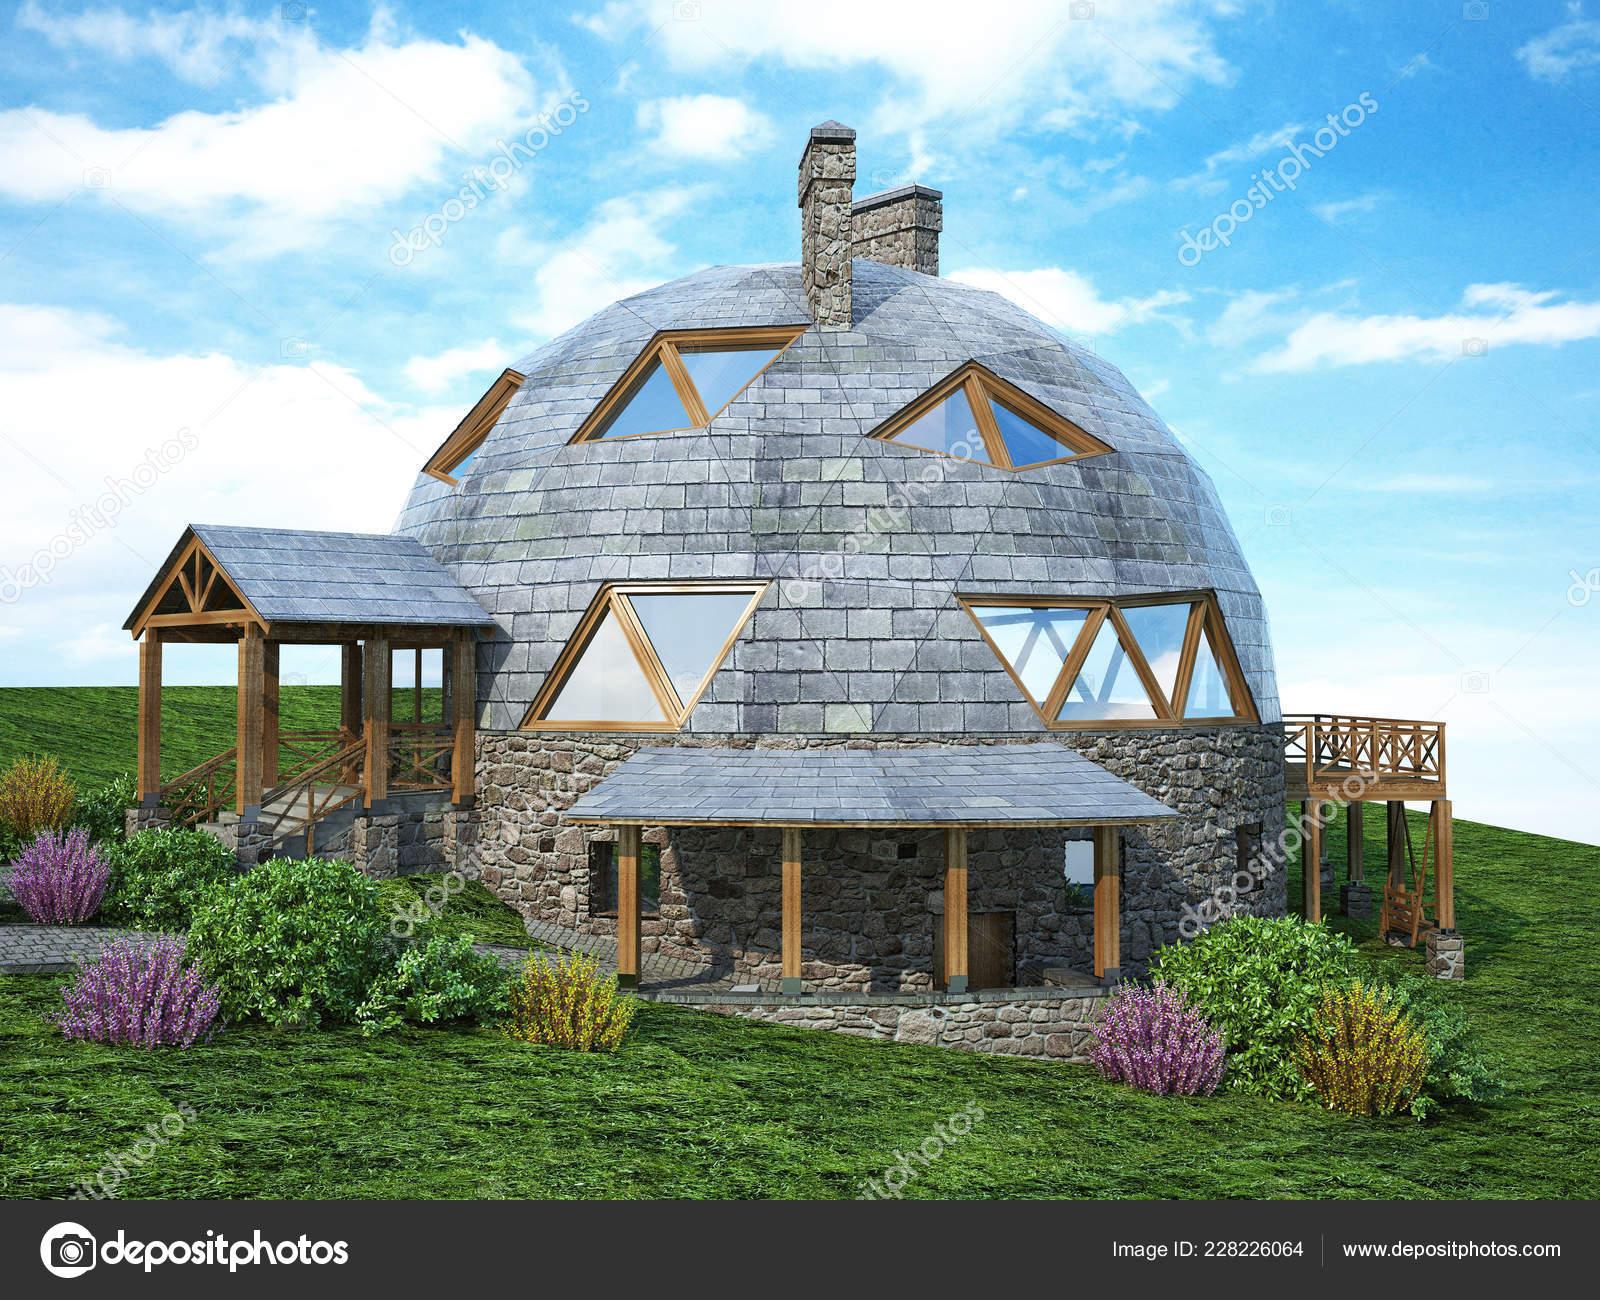 Dôme magnifique maison du futur green design innovation architecture rendu 3d image de